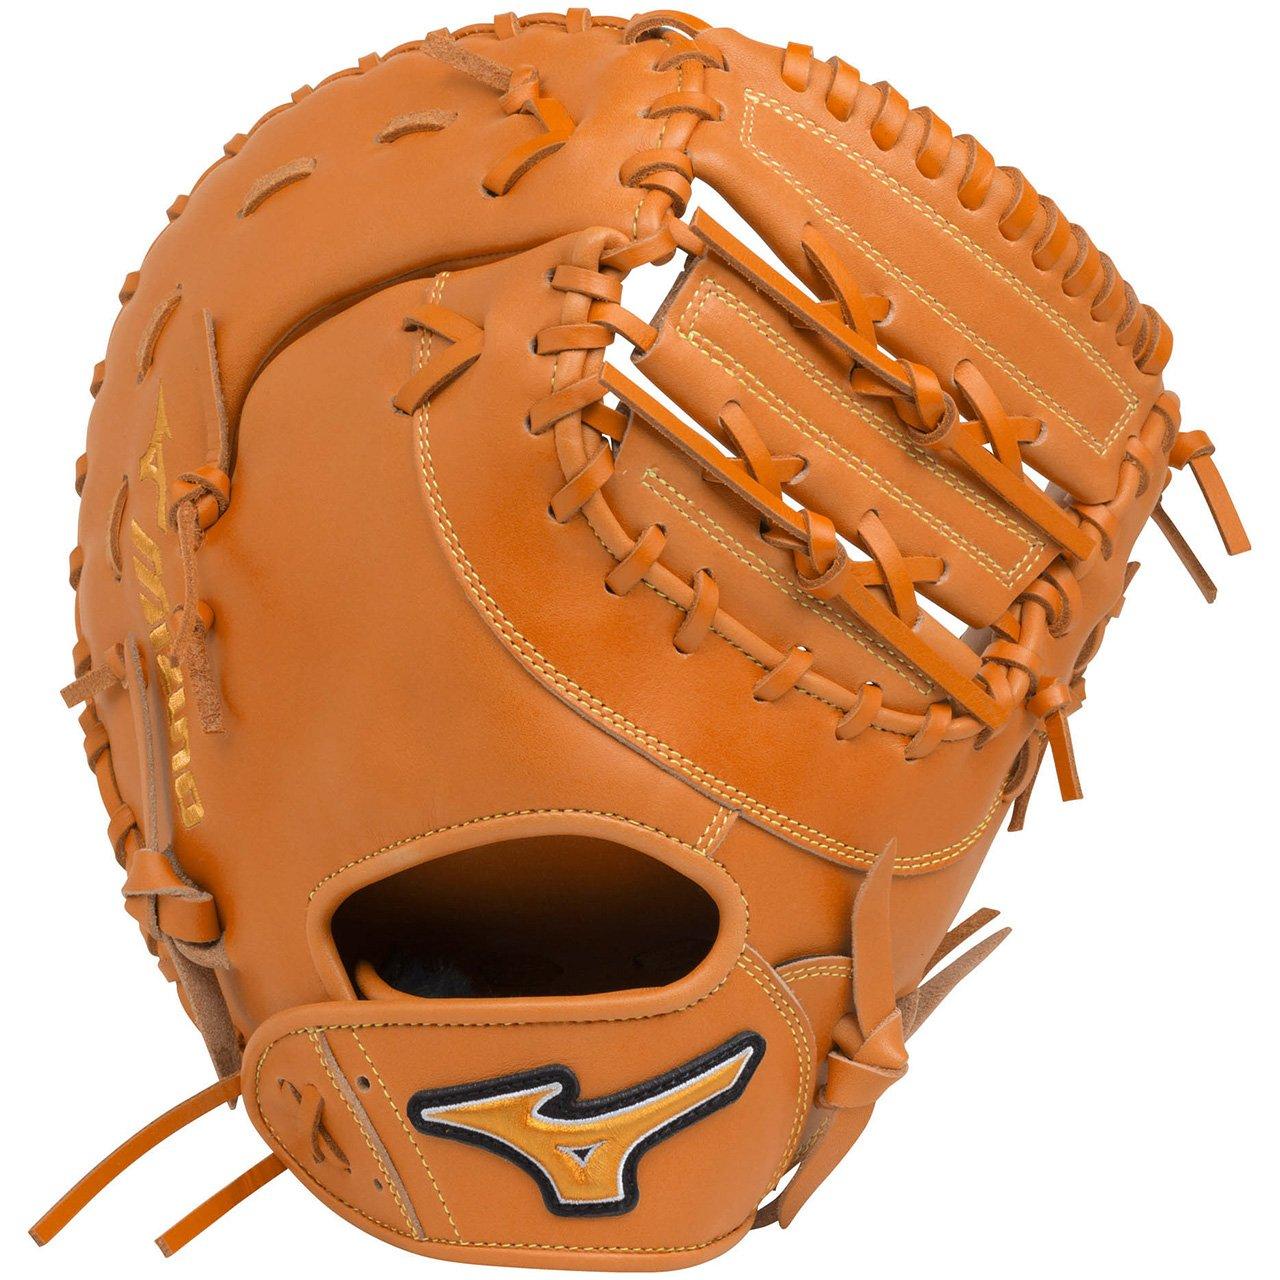 ミズノ(MIZUNO) ソフトボール用 エレメントフュージョンUMiX 捕手一塁手兼用(コンパクトタイプ) 1AJCS18420 B079TLJ3PD 右投用|クリアオレンジ(51) クリアオレンジ(51) 右投用